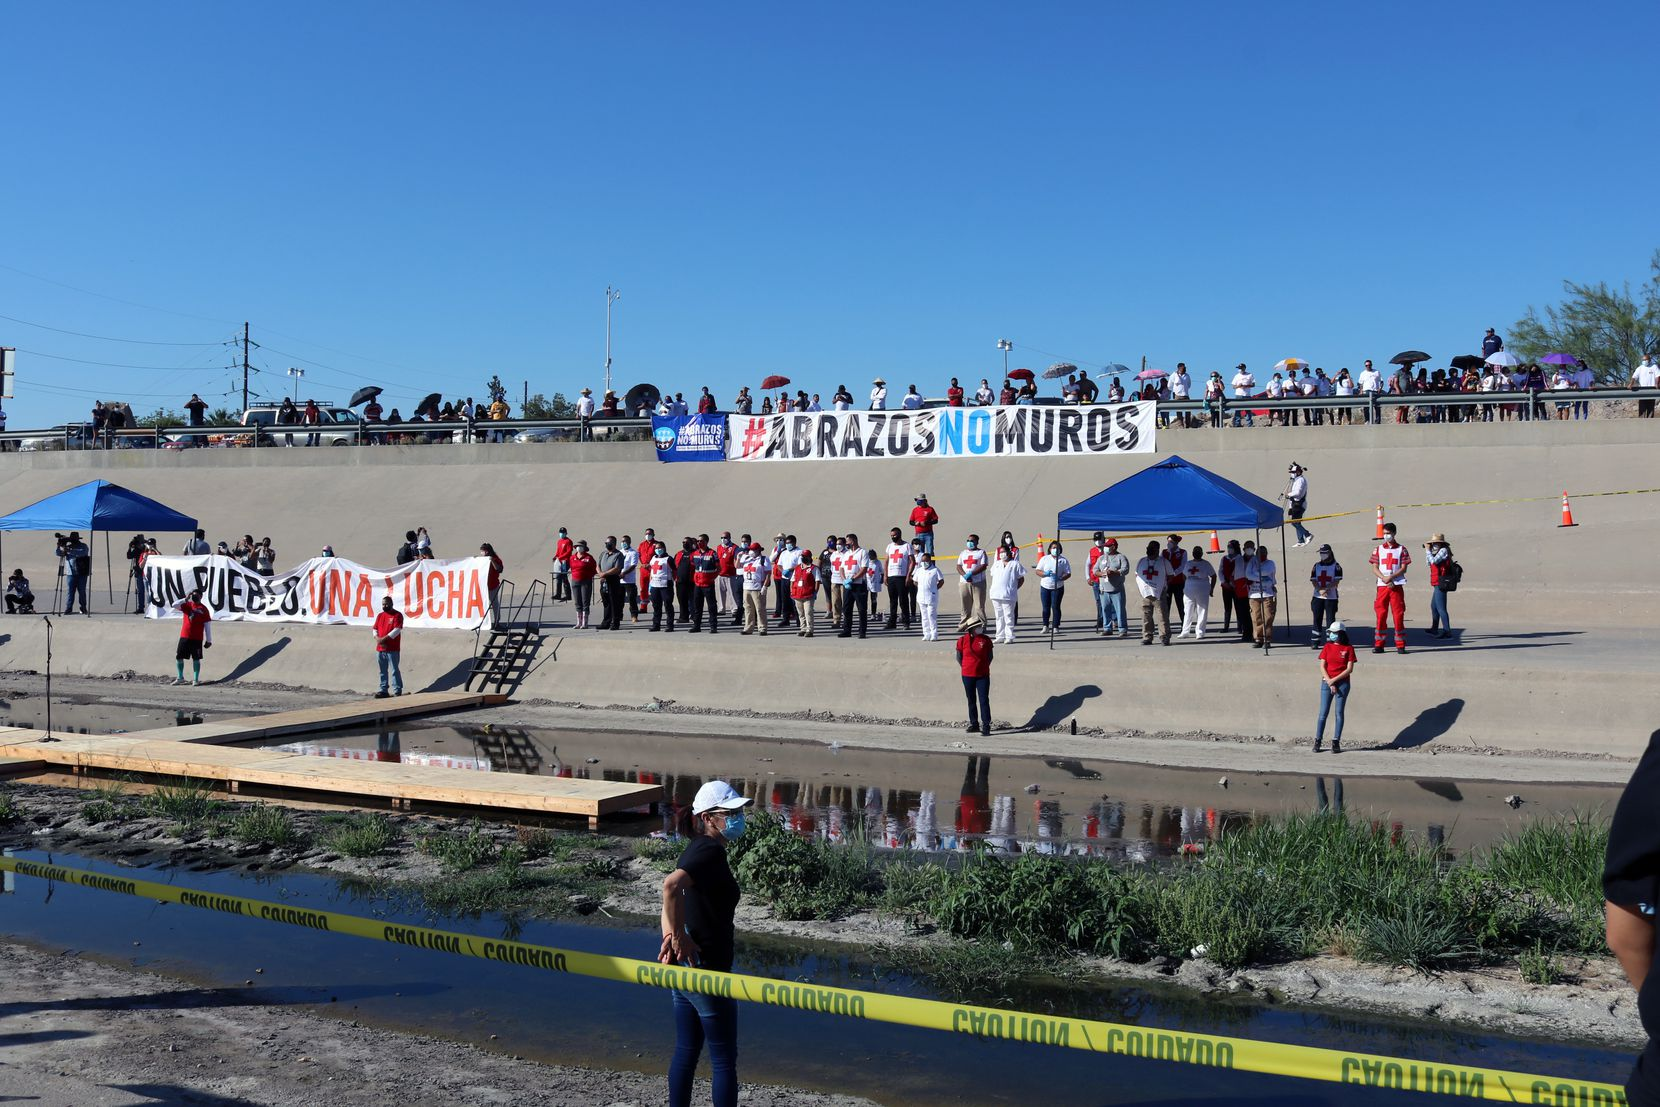 """Cerca de 200 familias pudieron reencontrarse por al menos tres minutos durante el evento """"Abrazos, no Muros"""" en el Río Grande que marca la frontera entre El Paso y Ciudad Juárez, el sábado 19 de junio de 2021."""